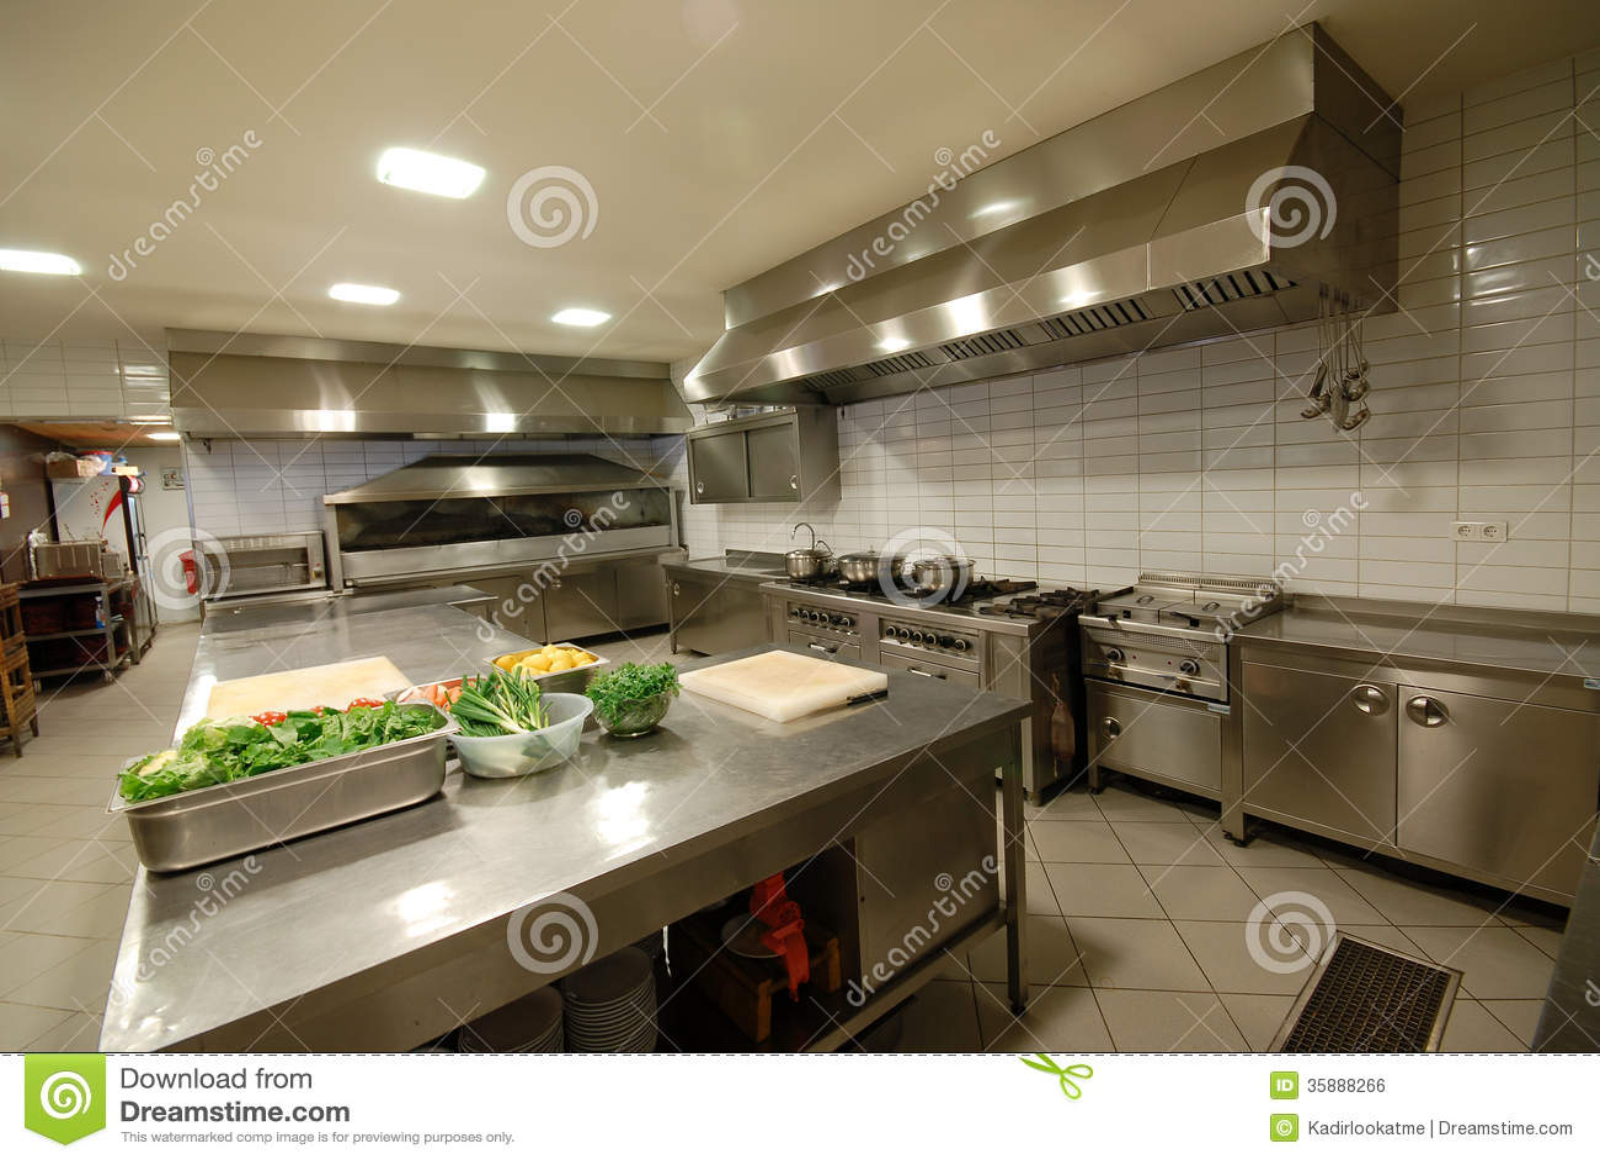 cuisine moderne dans le de restaurant photo stock image du saveur propre 35888266. Black Bedroom Furniture Sets. Home Design Ideas